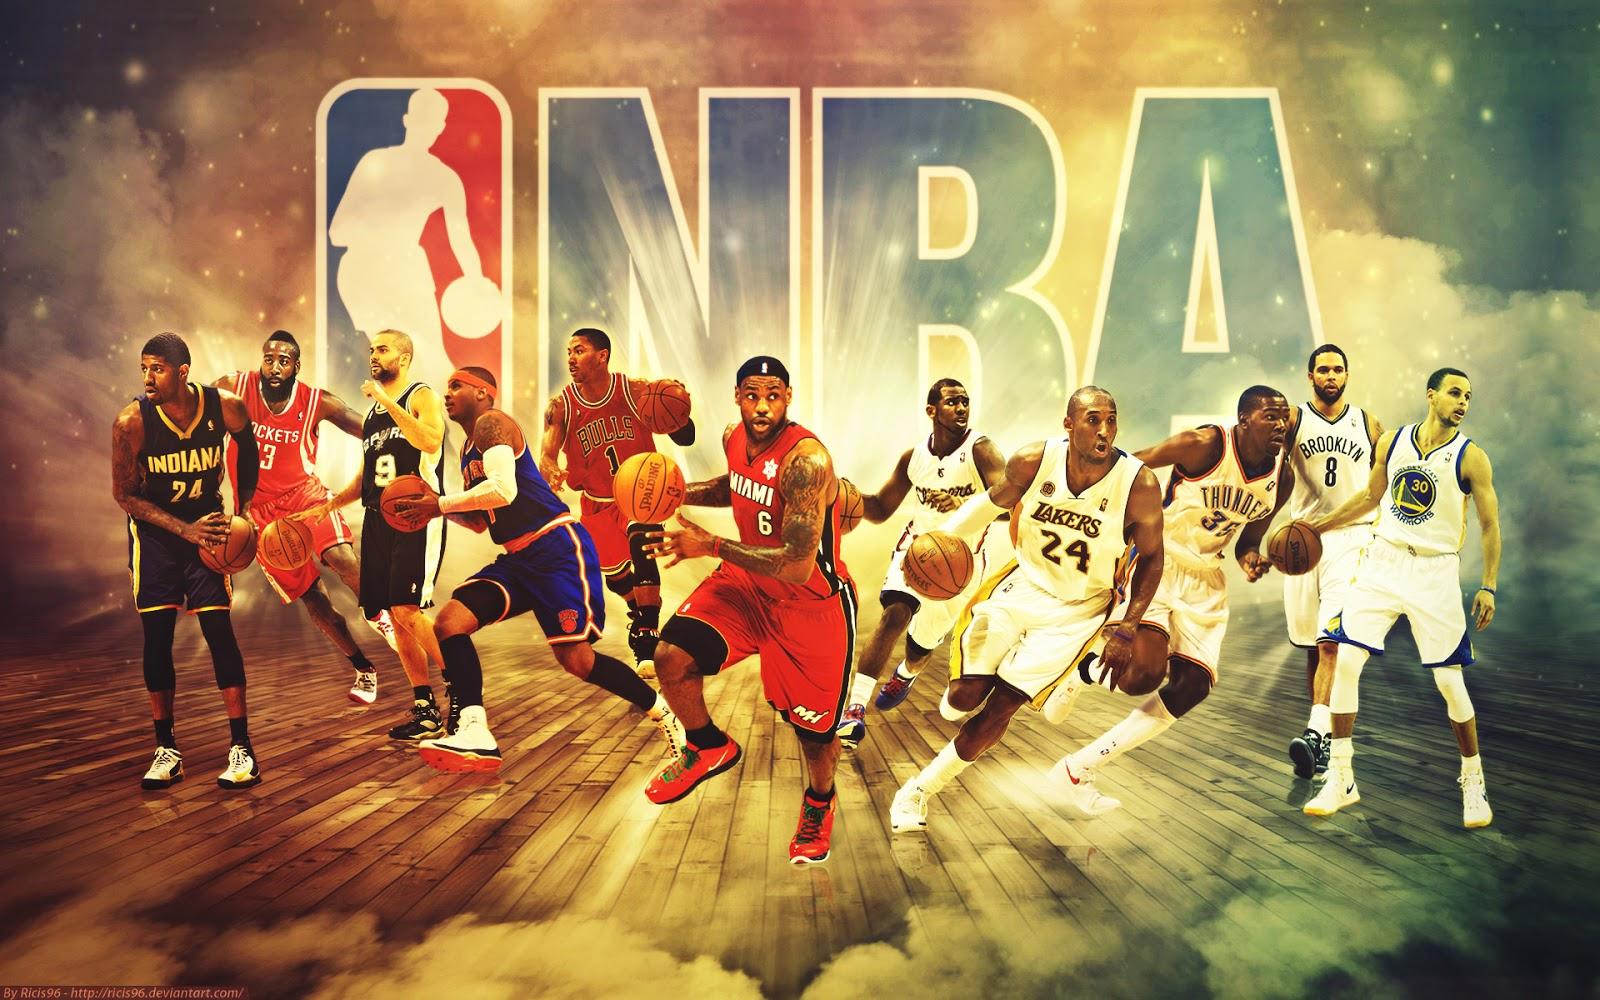 imagenes de basquet para descargar